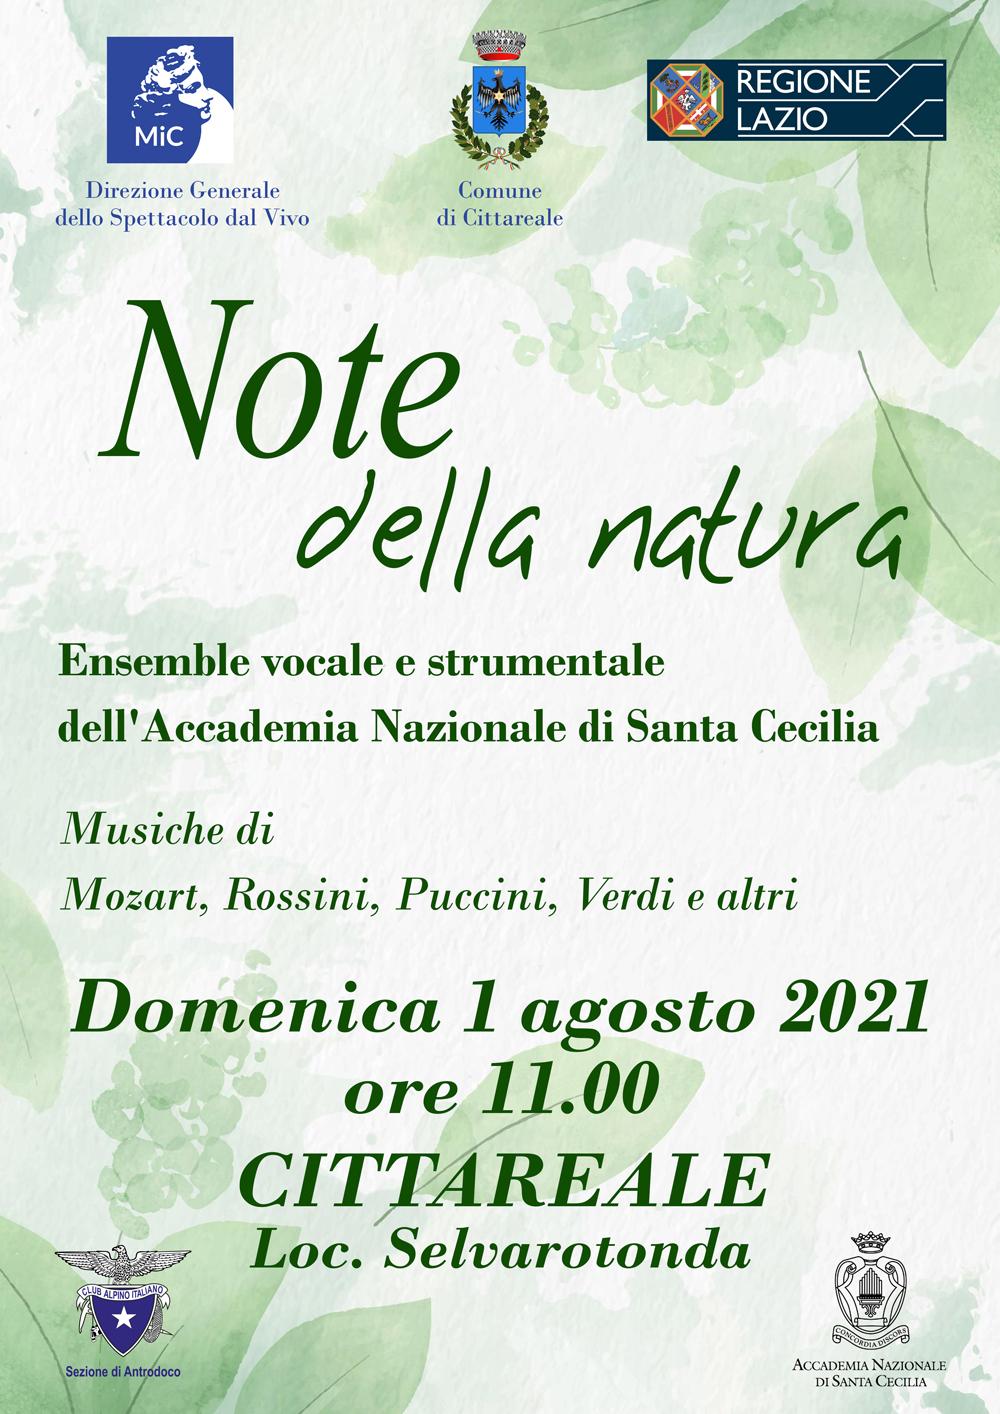 Note della natura: in alta quota con l'Accademia Nazionale di Santa Cecilia